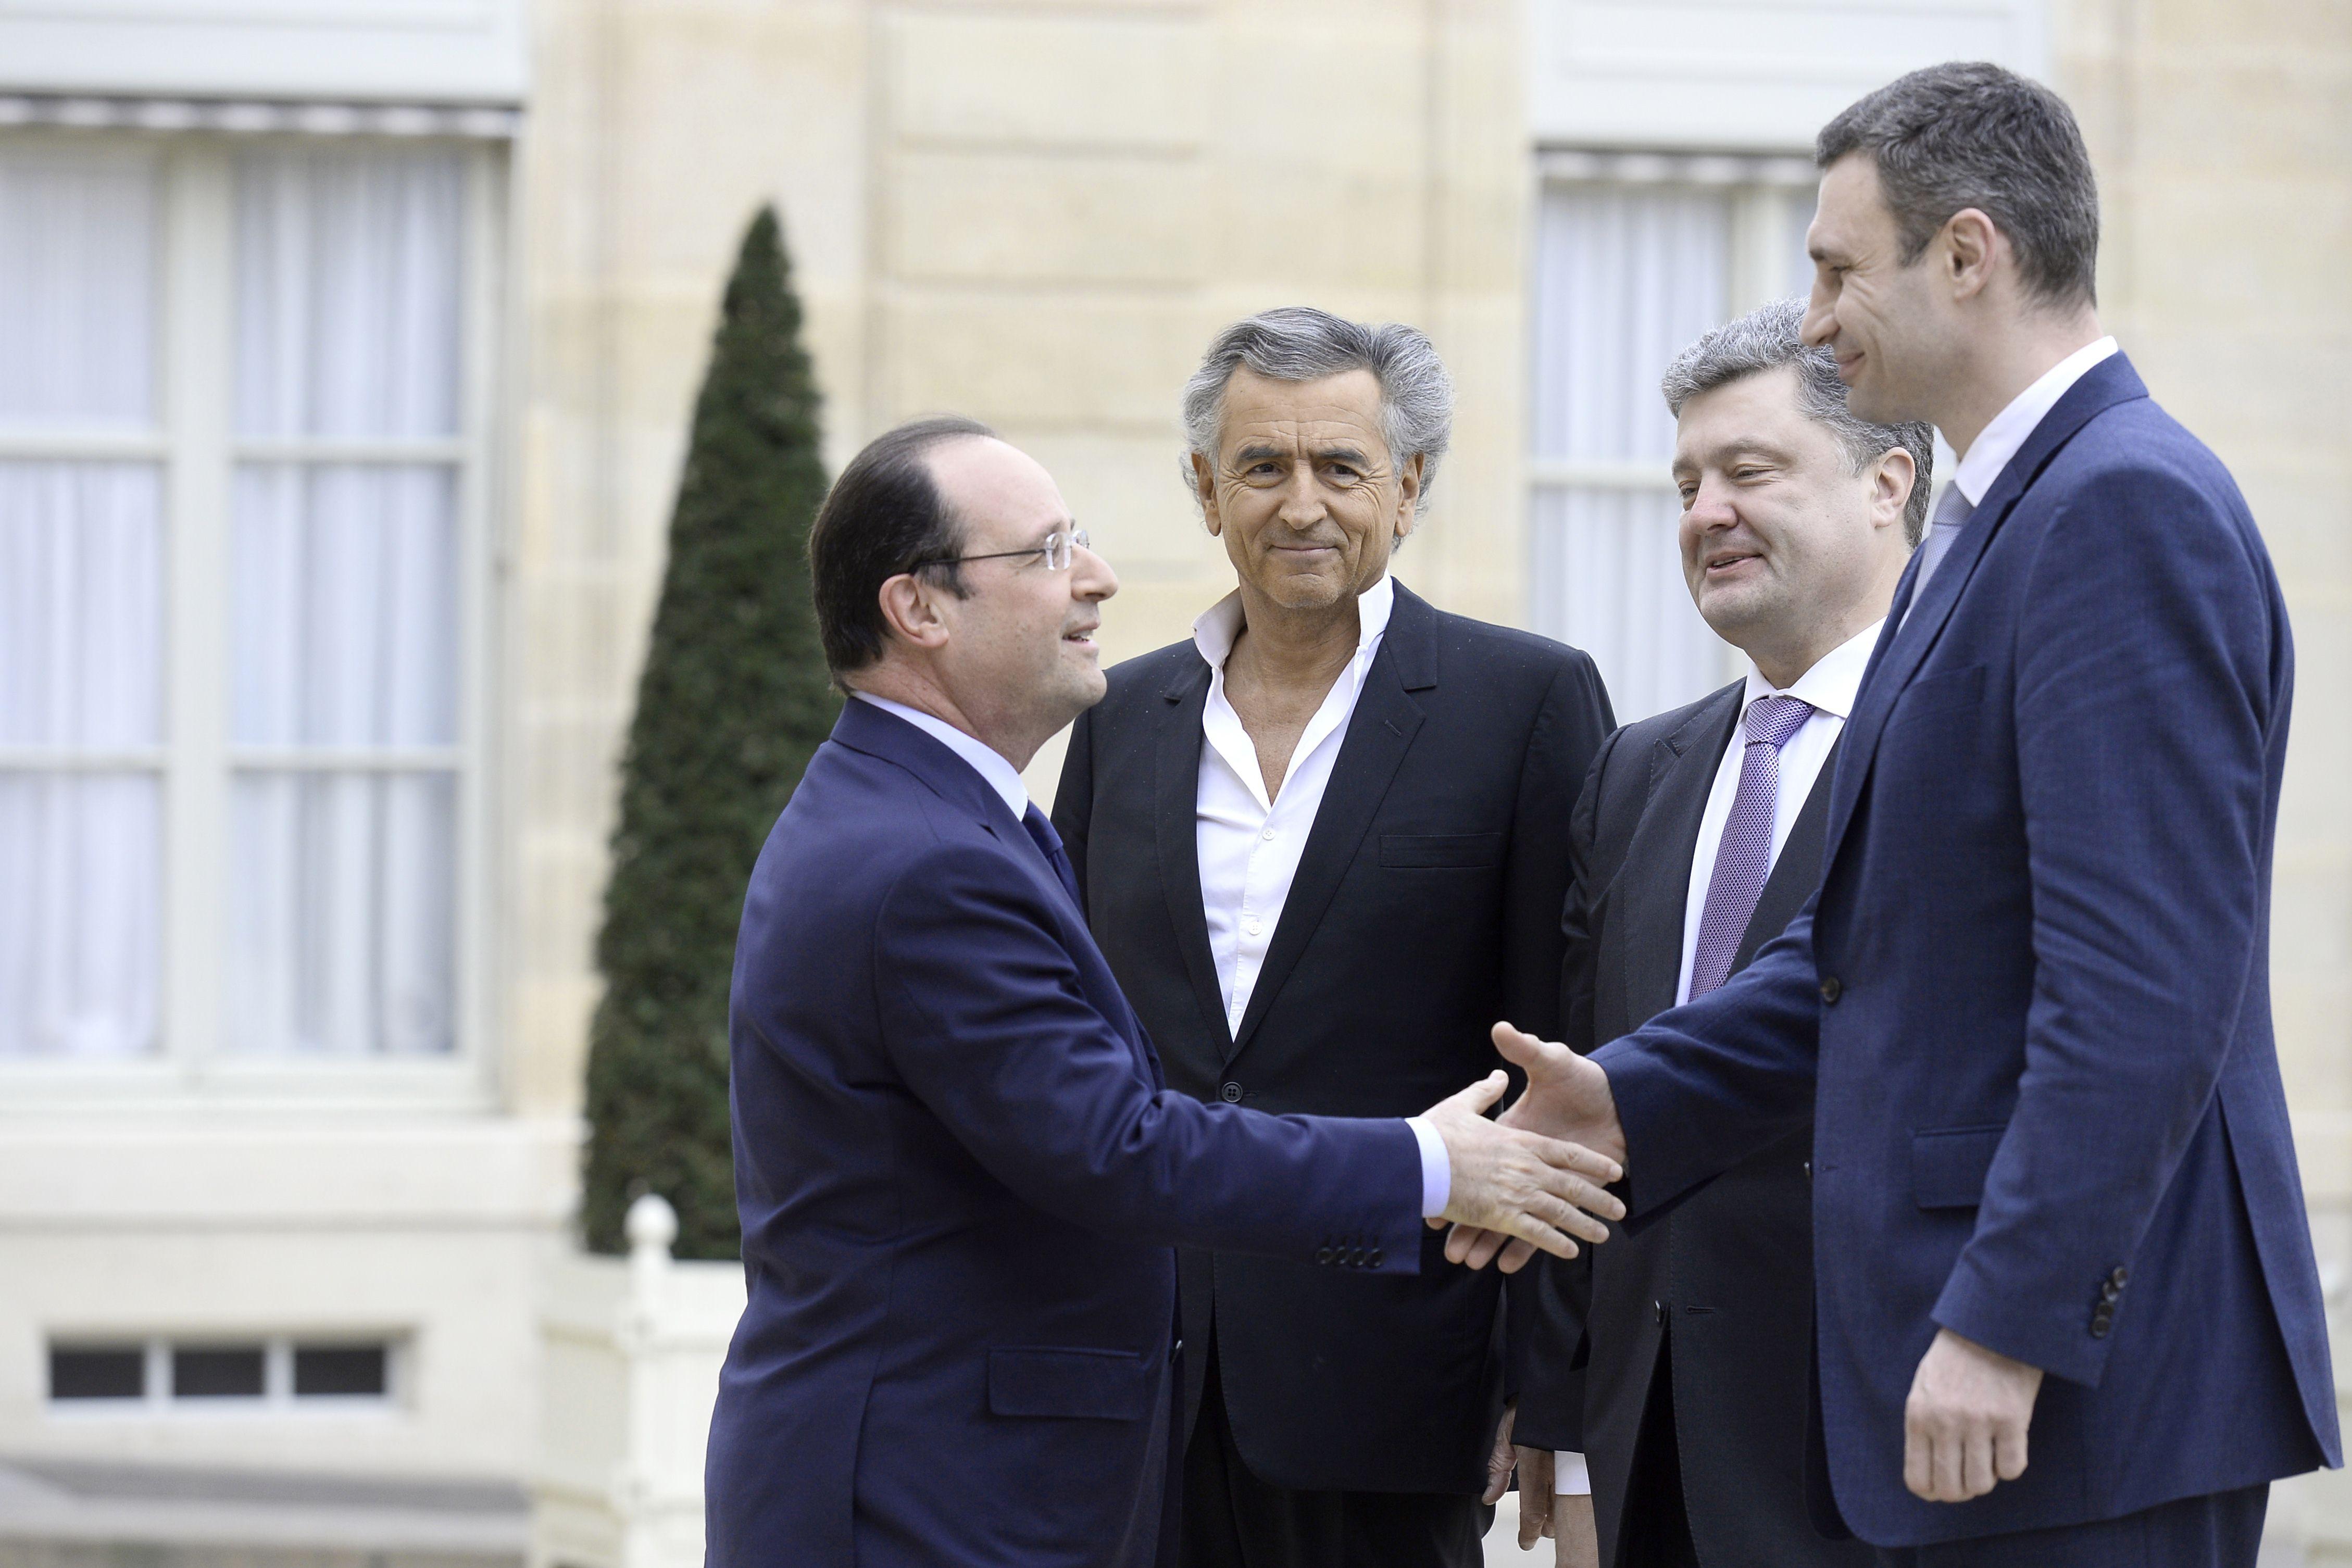 http://www.lefigaro.fr/medias/2014/03/03/20140303PHOWWW01239.jpg